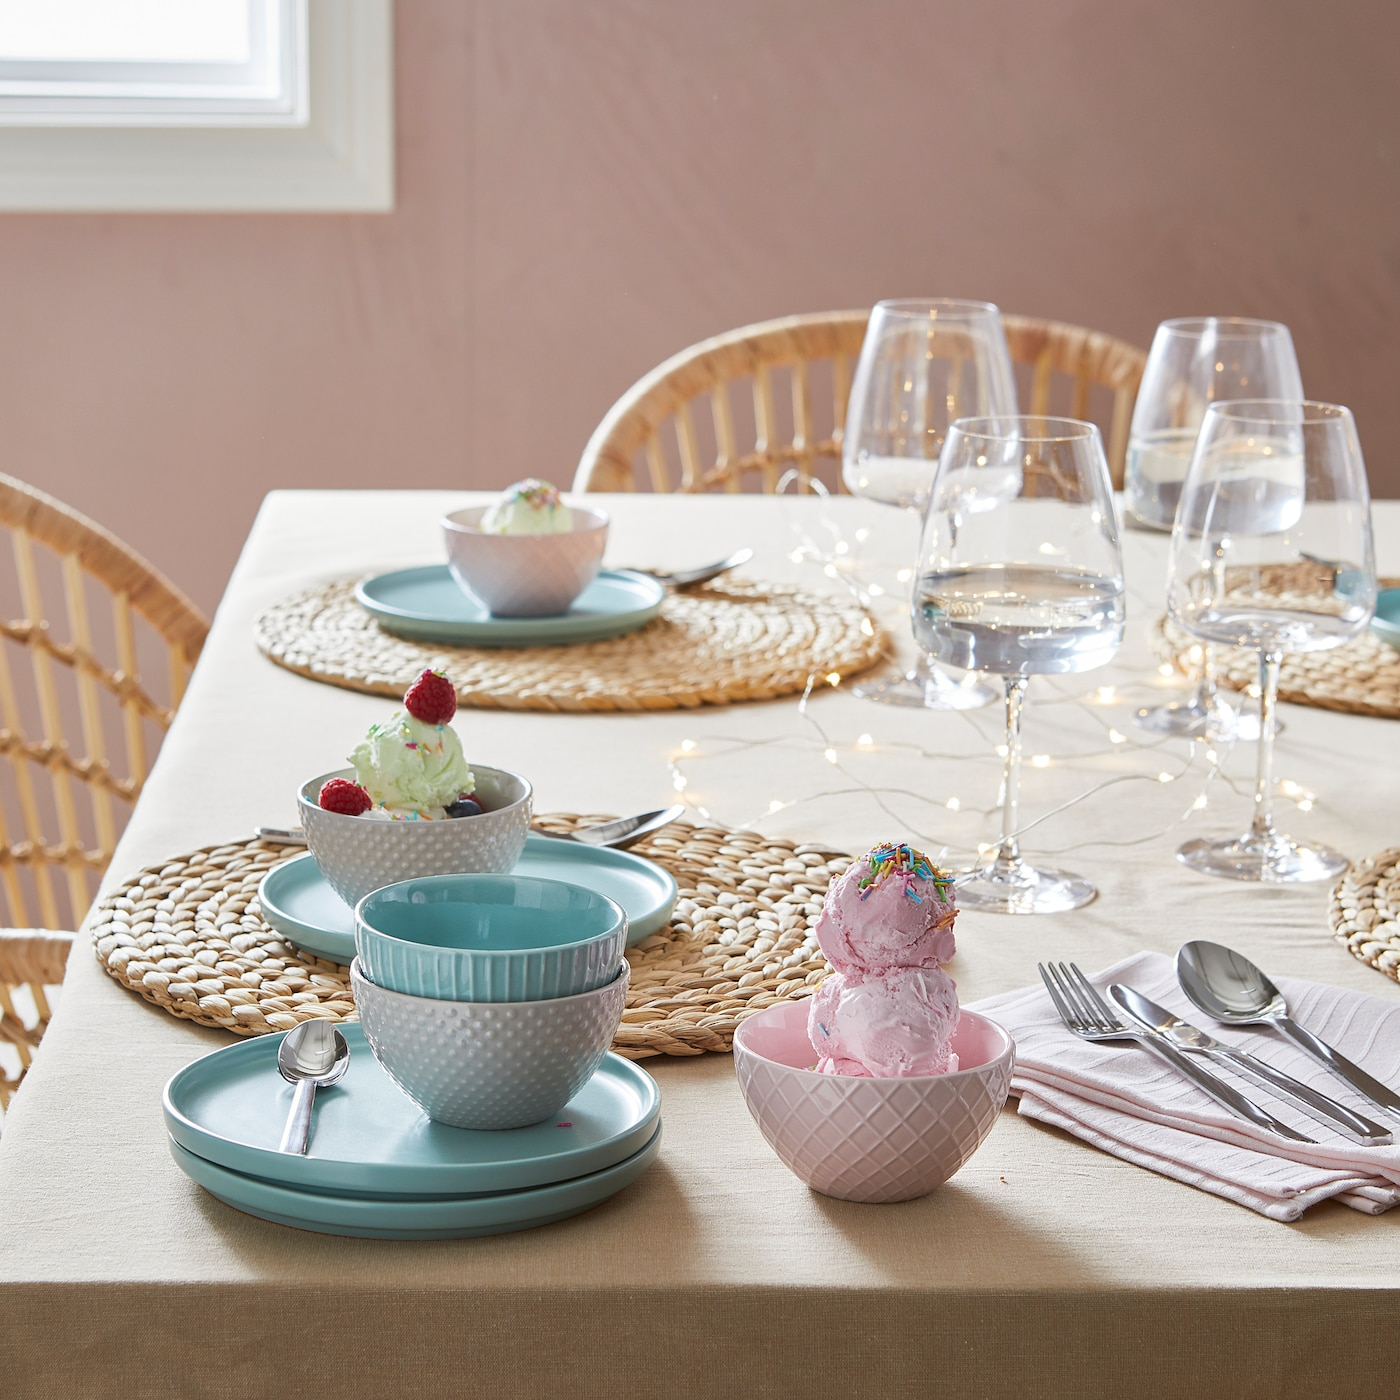 SOARÉ Set de table - jacinthe d